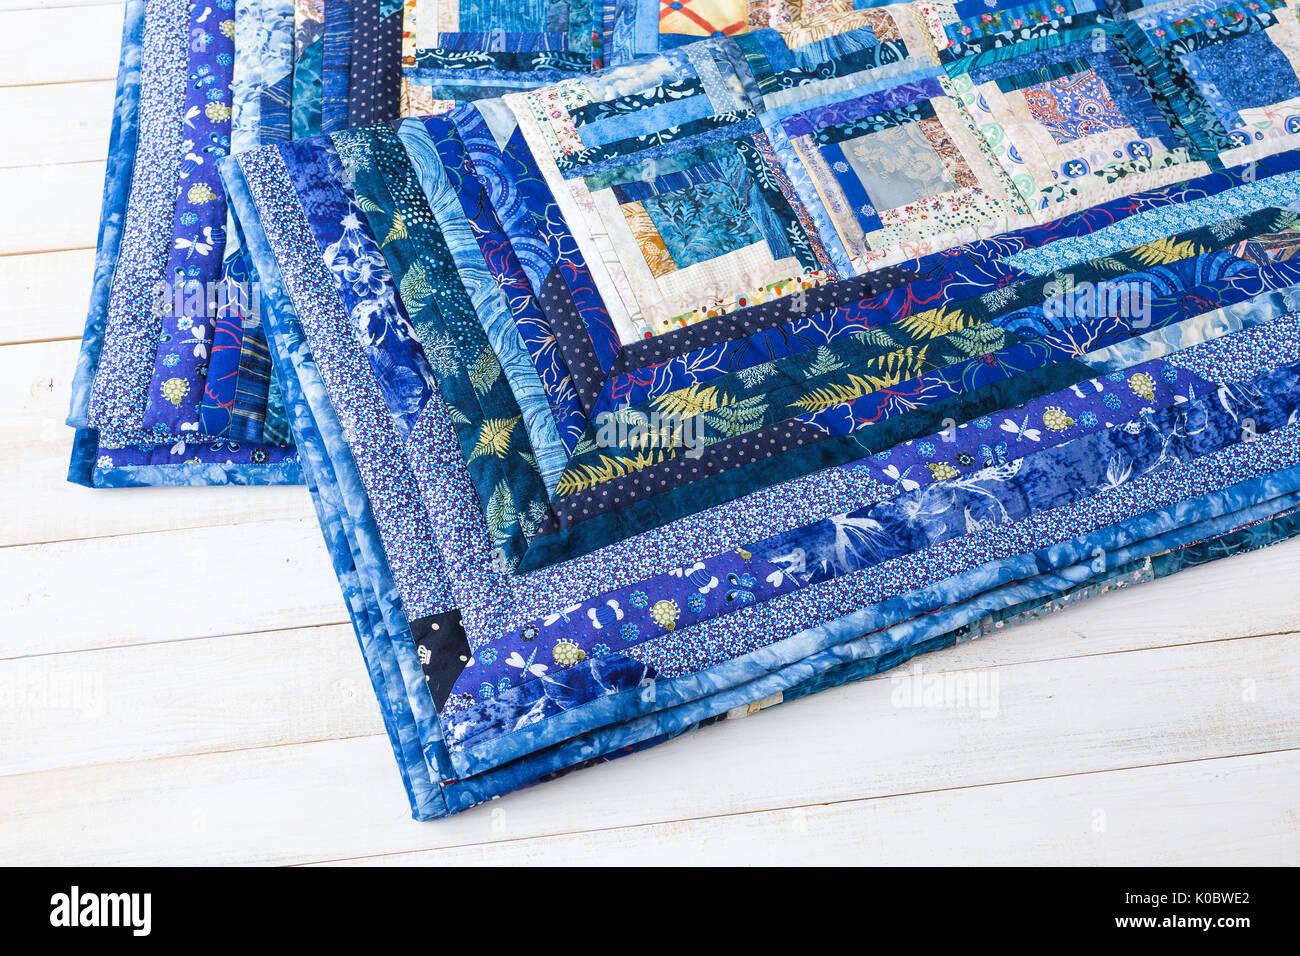 Decorazione, comfort, passione, predilezione, cucitura, patchwork concetto - due blu scuro quilt maded ordinatamente di diverse patch con interessanti motivo floreale e quasi invisibile maglie Immagini Stock